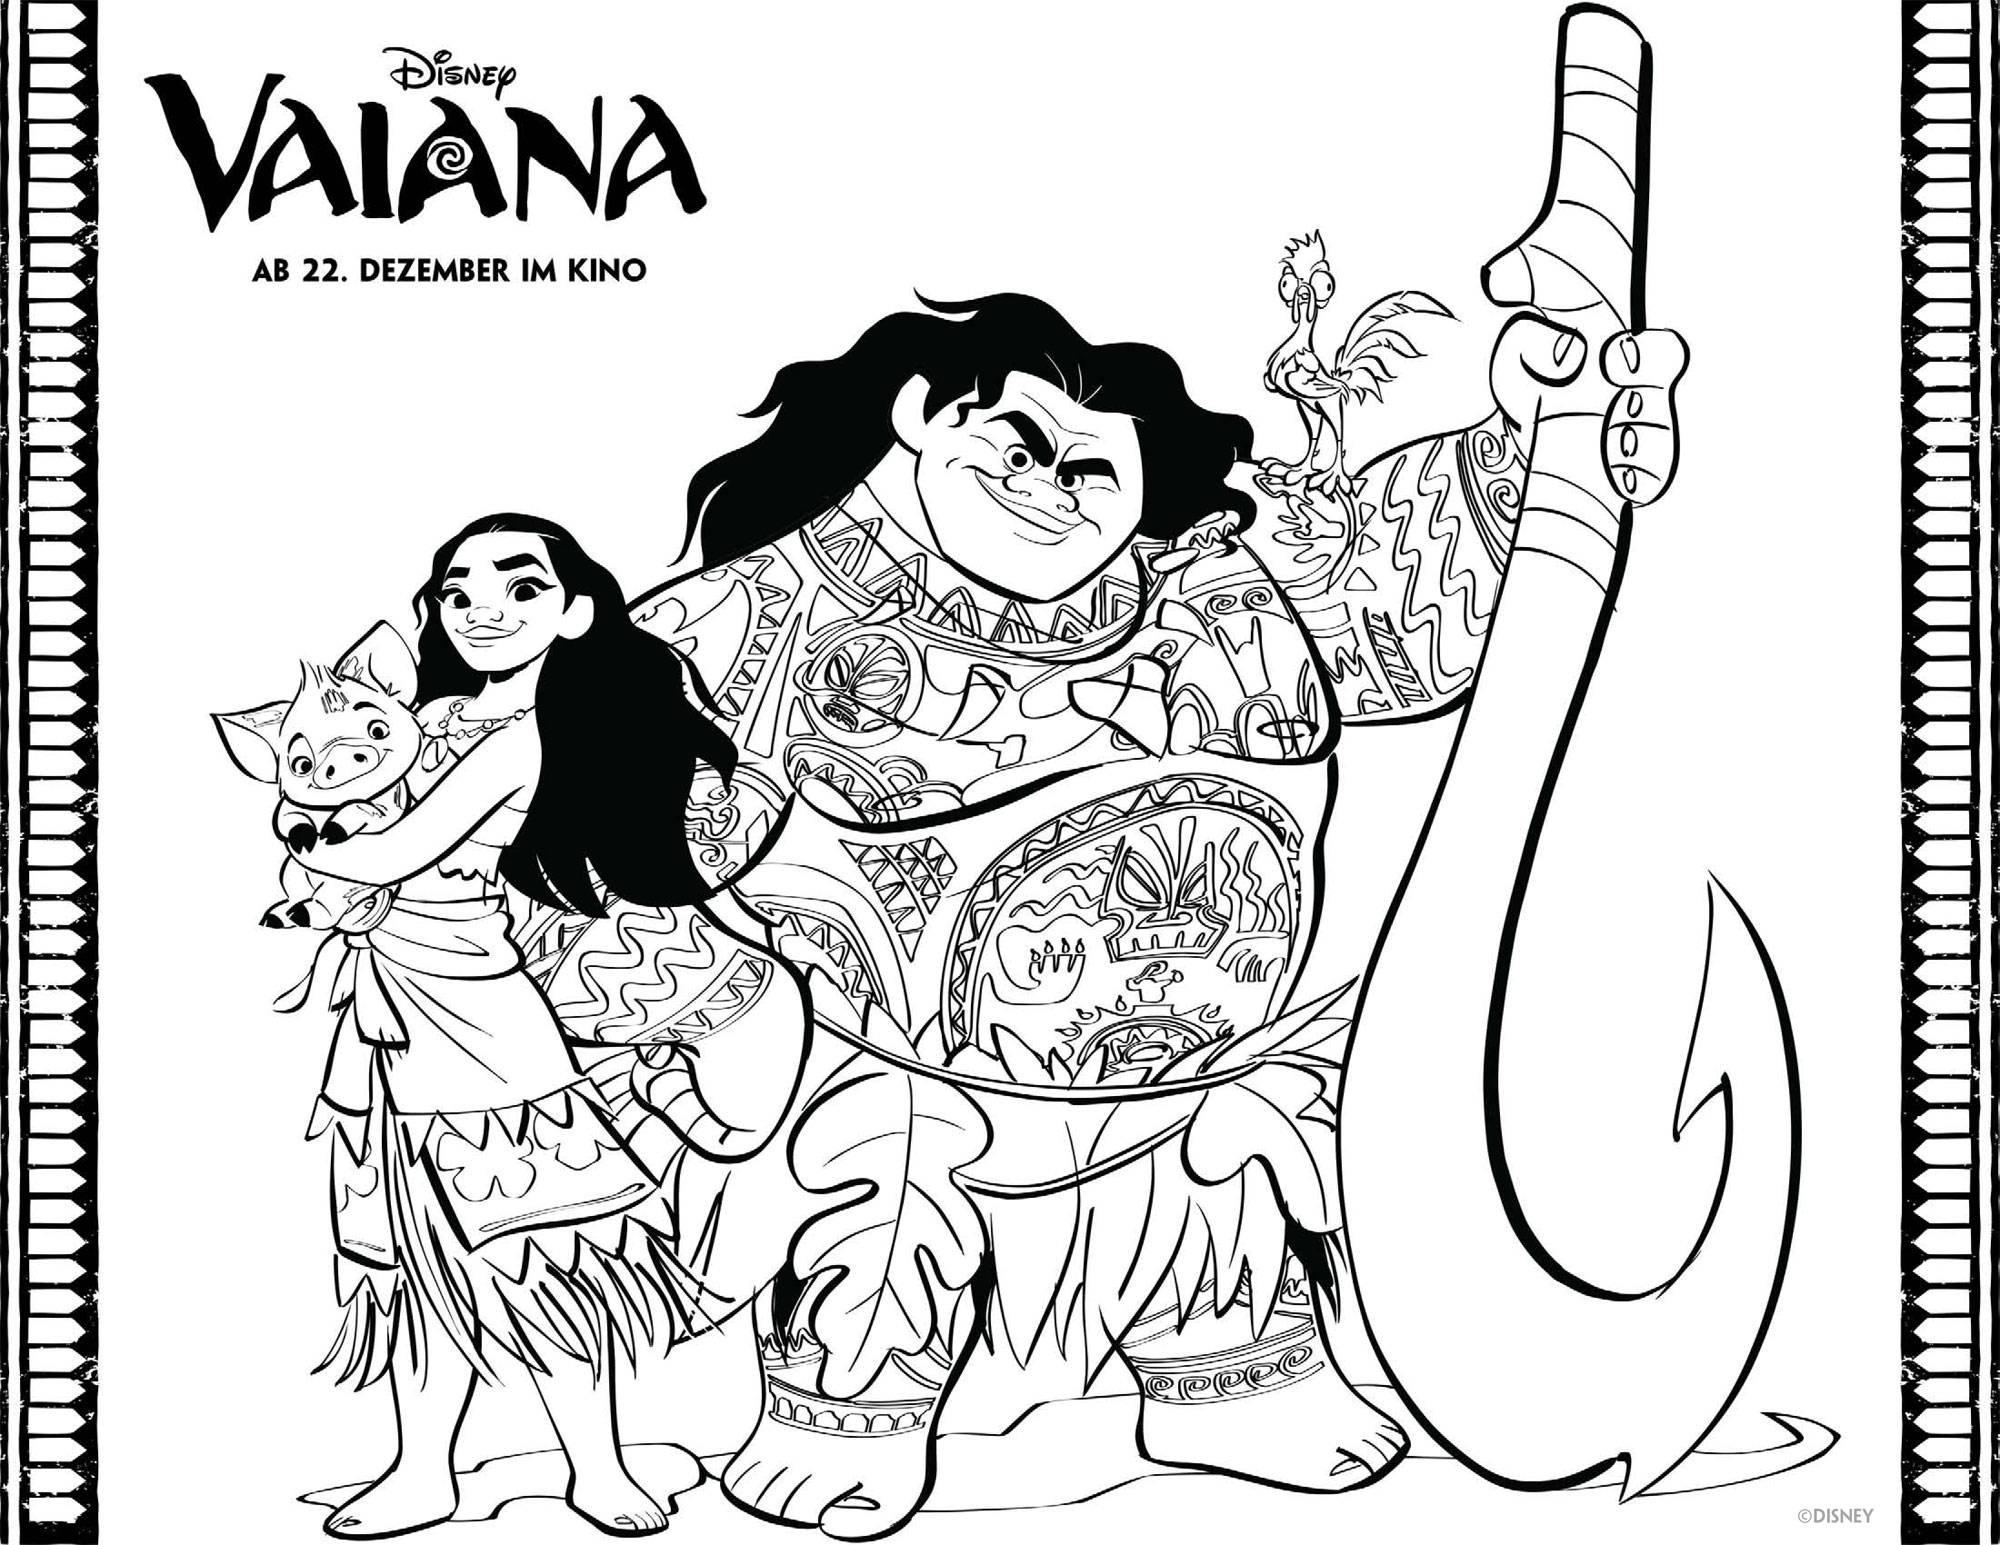 Ausmalbild Vaiana Malvorlage Und Maui Kostenlos Ausdrucken in Ausmalbilder Zum Drucken Disney